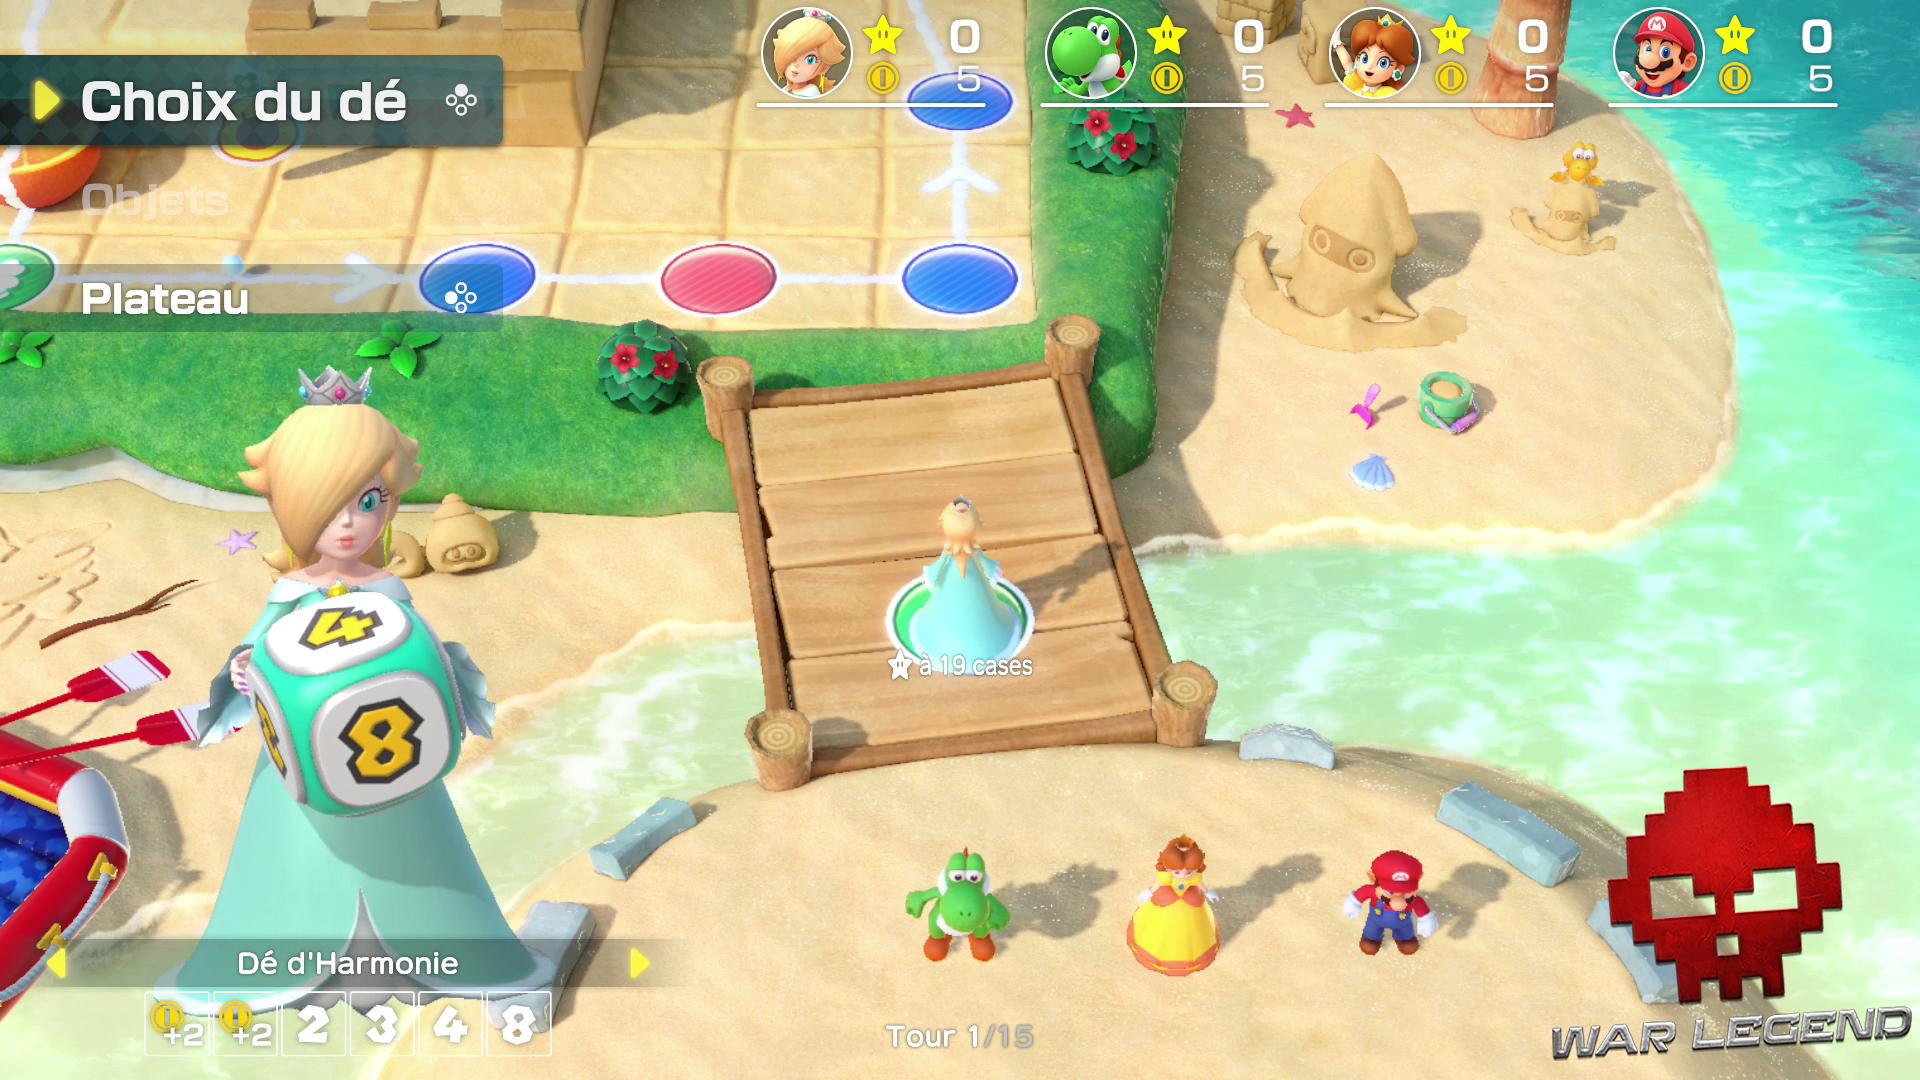 Test Super Mario Party le dé spécial d'Harmonie